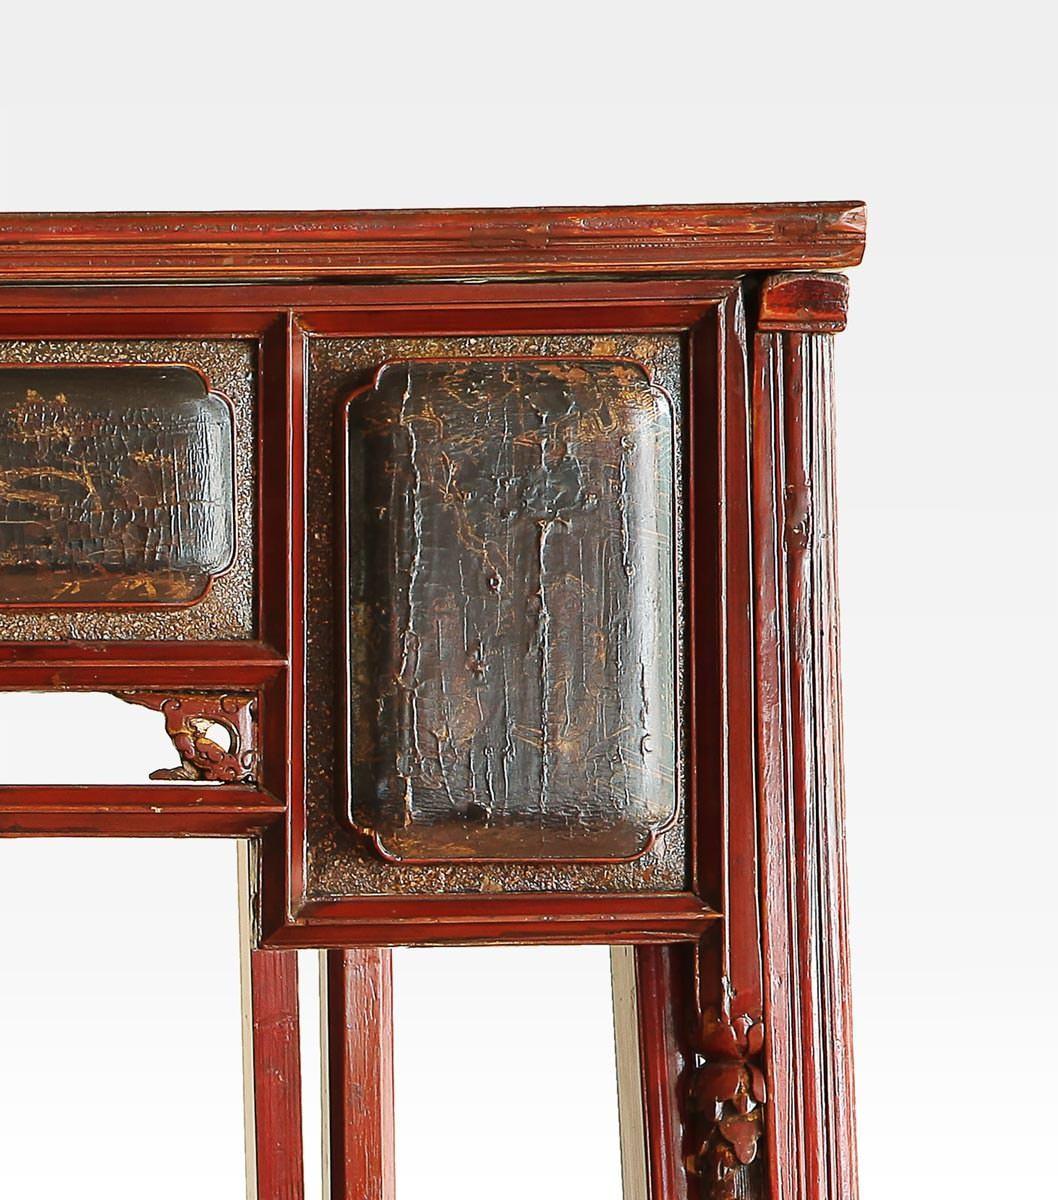 Letto a baldacchino antico classici mobili antichi - Letto a baldacchino antico ...